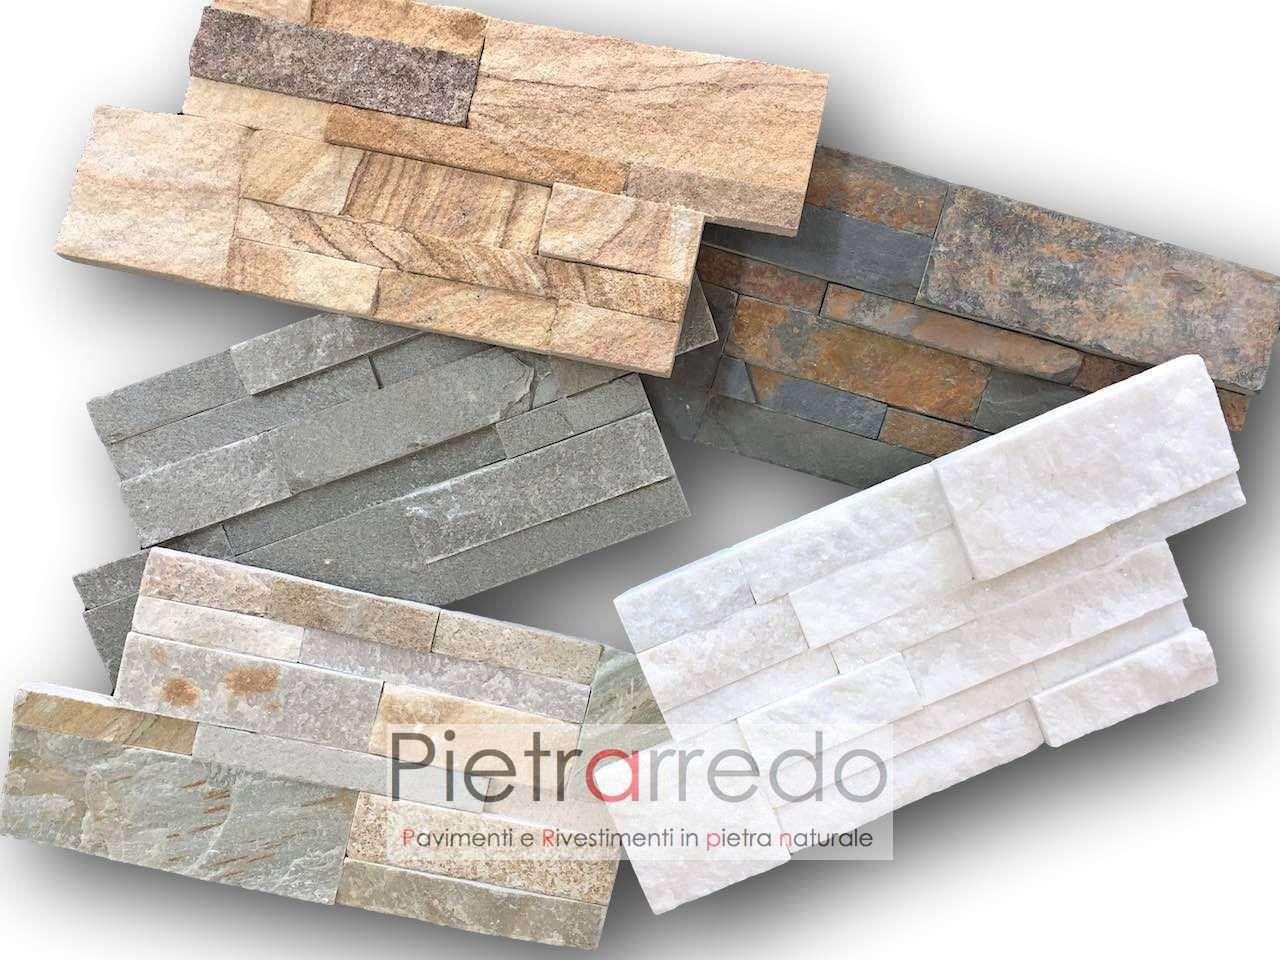 rivestimenti-pietra-scozzese-prezzo-costo-pietrarredo-milano-stone-cladding-price-panel-placche-decorative